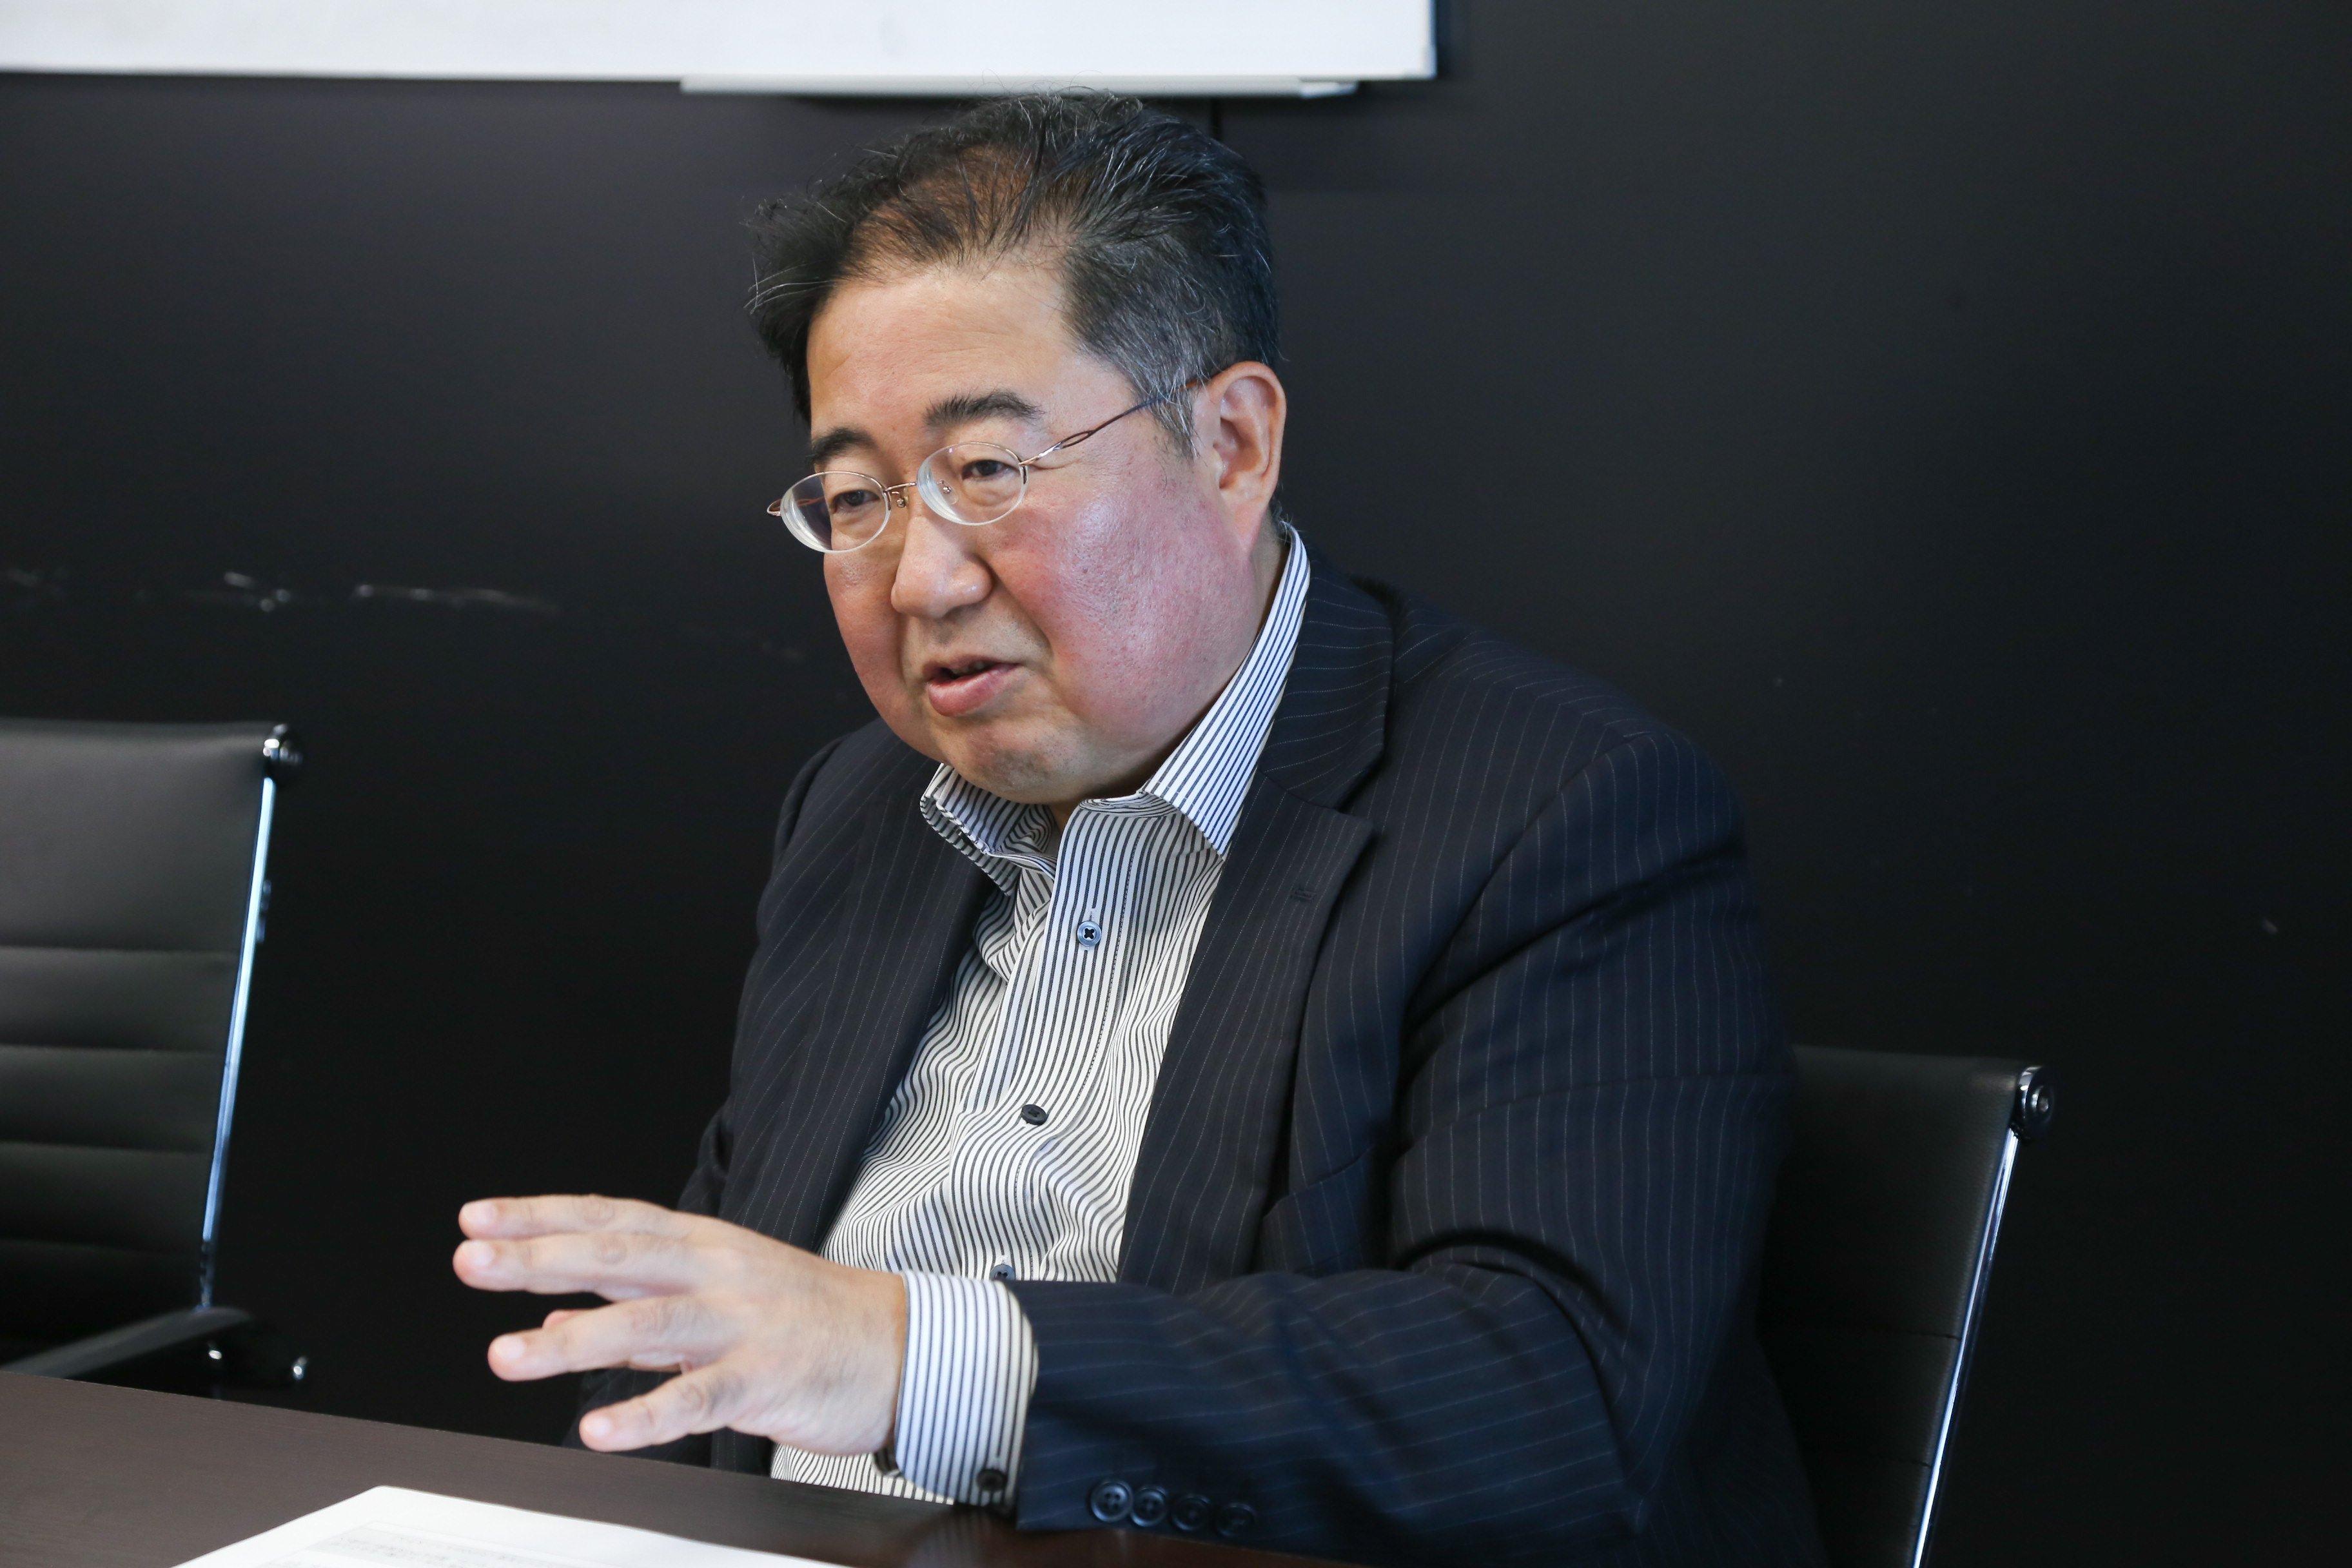 宝印刷株式会社 常務執行役員/企業成長支援部長 大村 法生氏